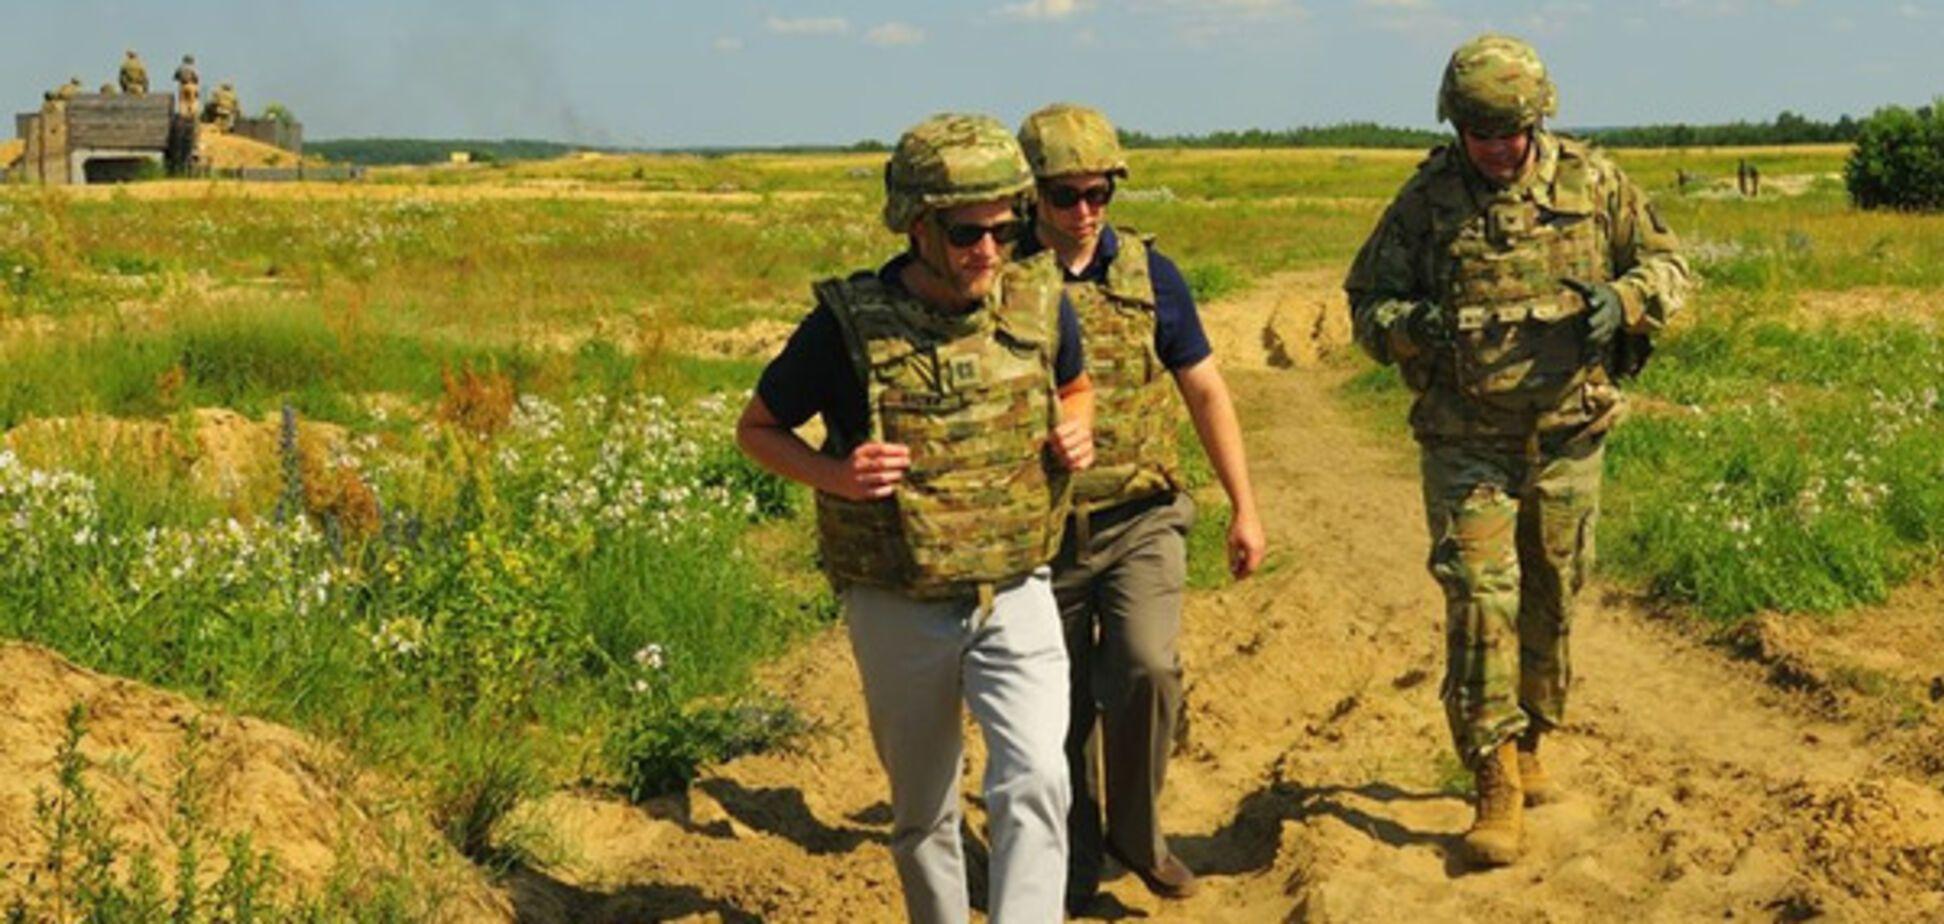 Полковник США: украинская армия с каждым днем все сильнее